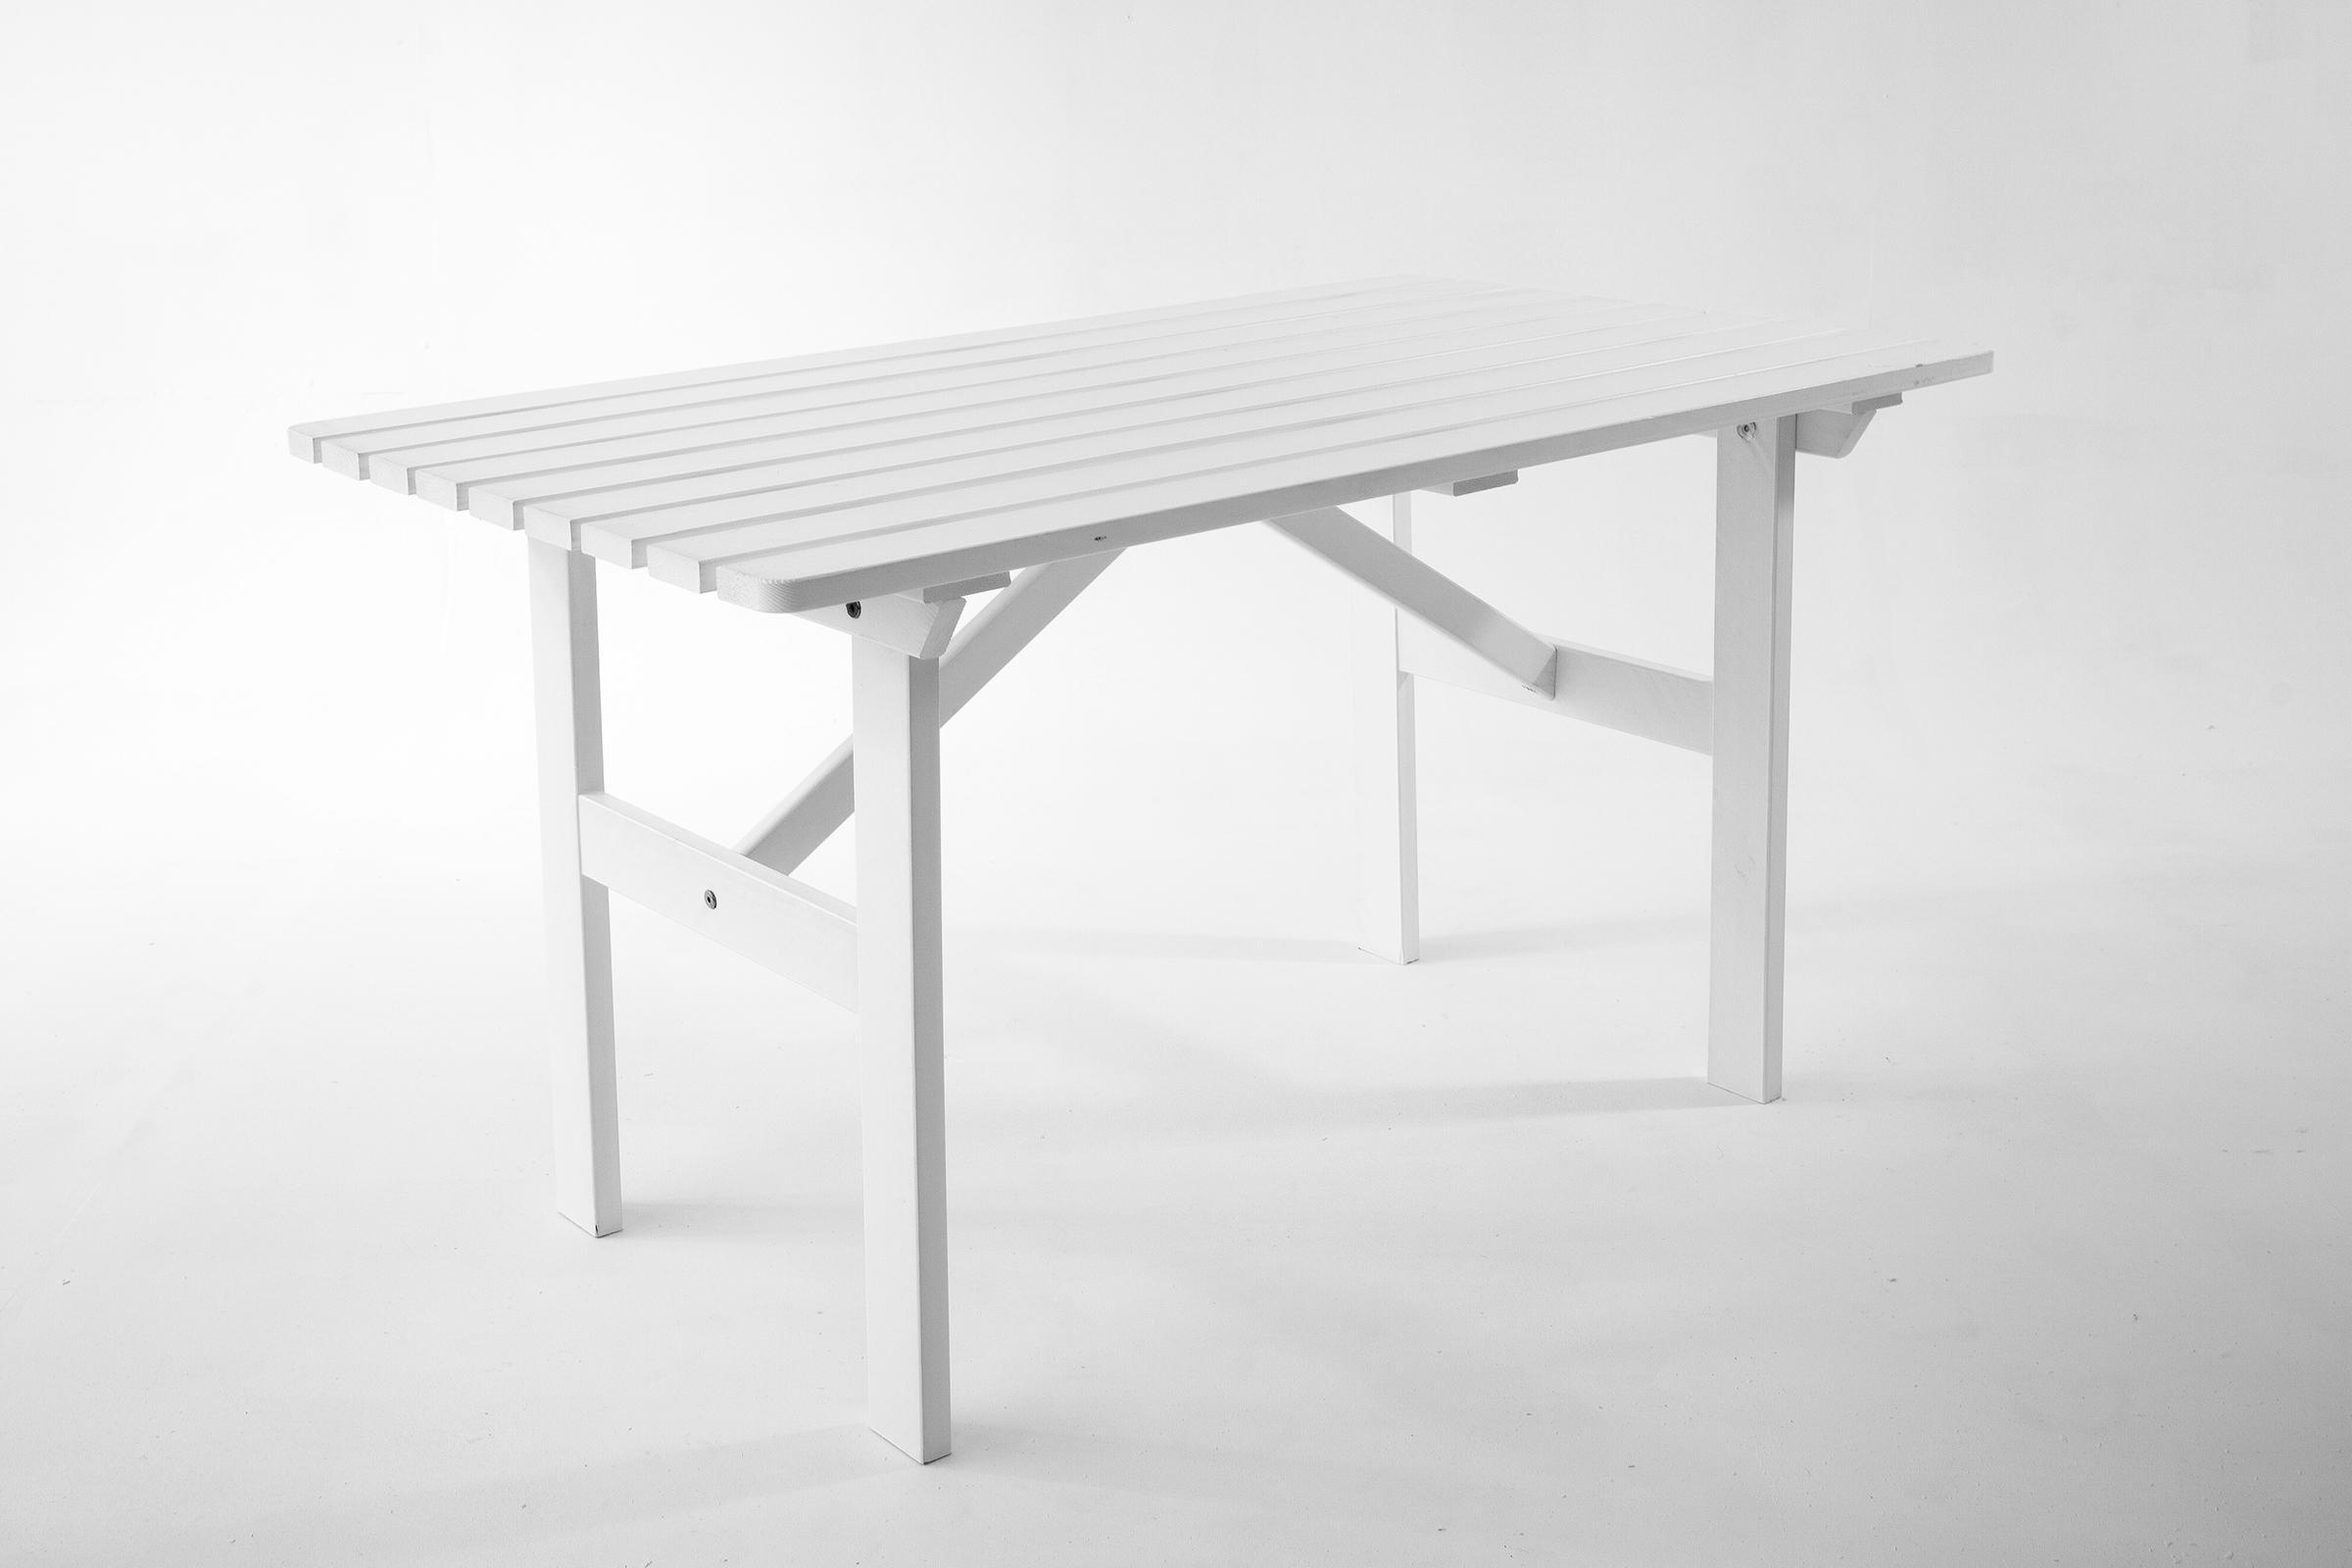 gartentisch wei holz of42 hitoiro. Black Bedroom Furniture Sets. Home Design Ideas